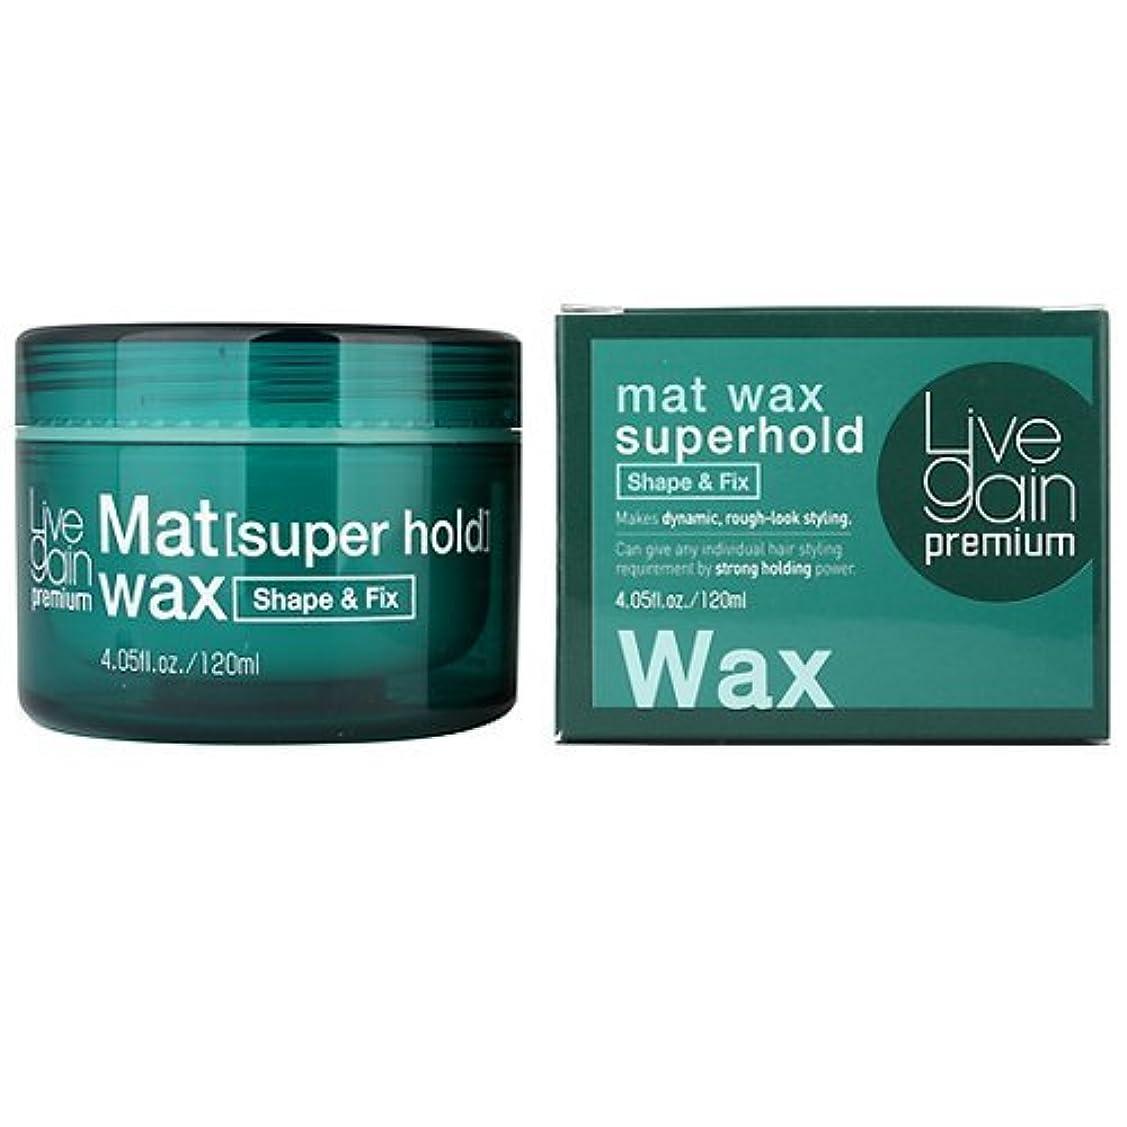 入る悪意告発者Livegain プレミアム マット ワックス スーパーホールド 120ml マット ヘア ワックス ストロング ホールド (Premium Mat Wax Superhold 120ml Matte Hair wax Strong Hold ) [並行輸入品]